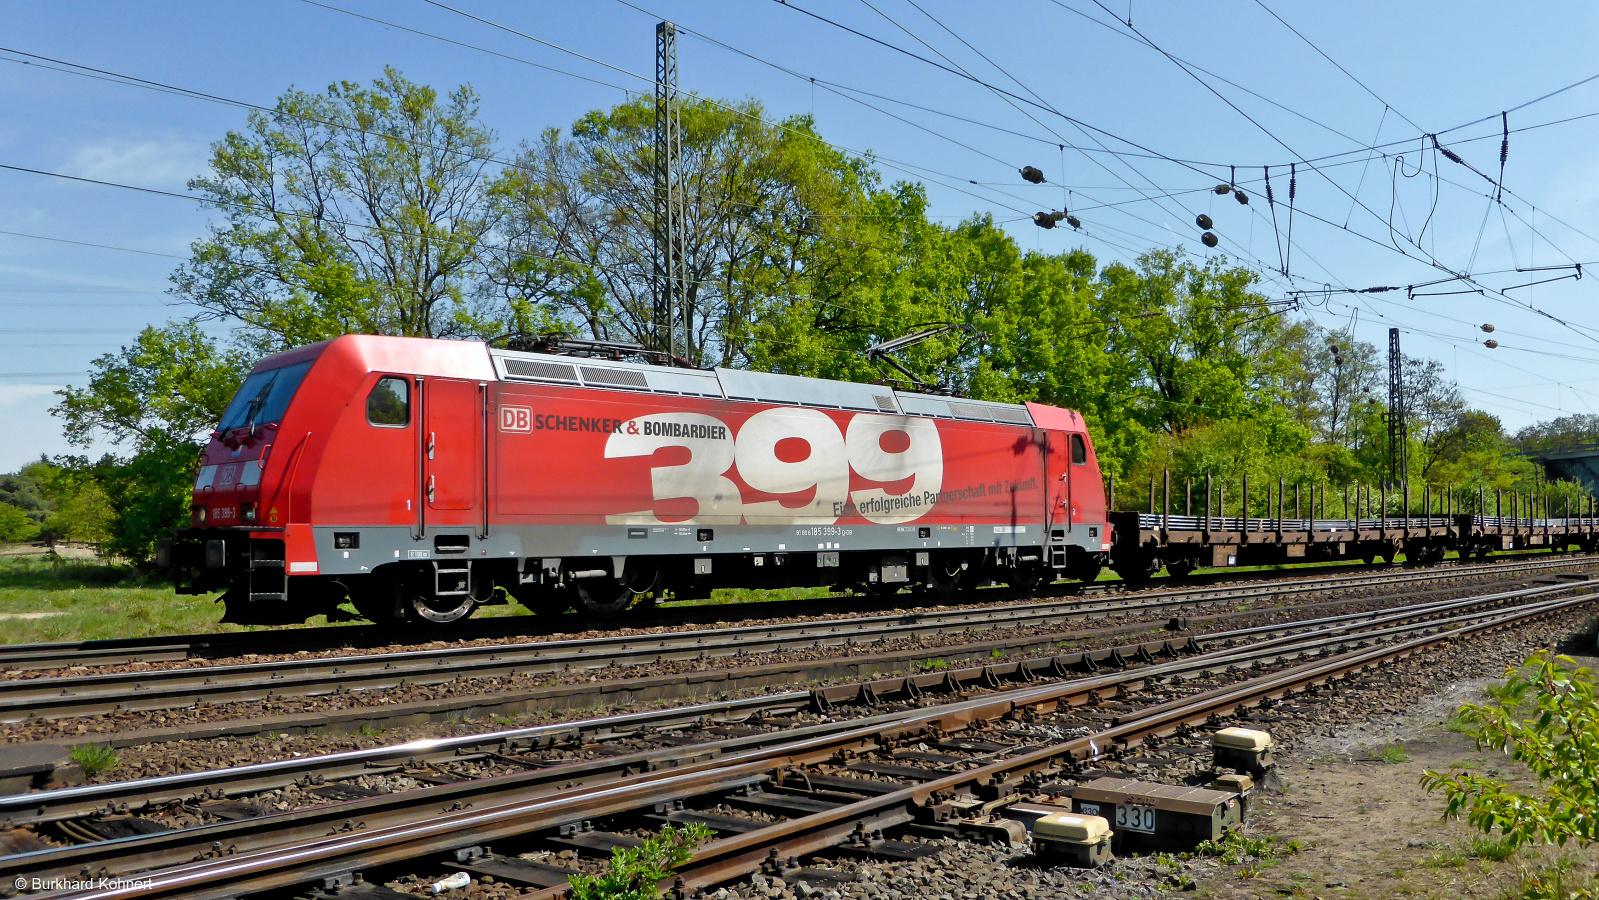 185 399-3 Schenker & Bombardier vor einem Ganzzug